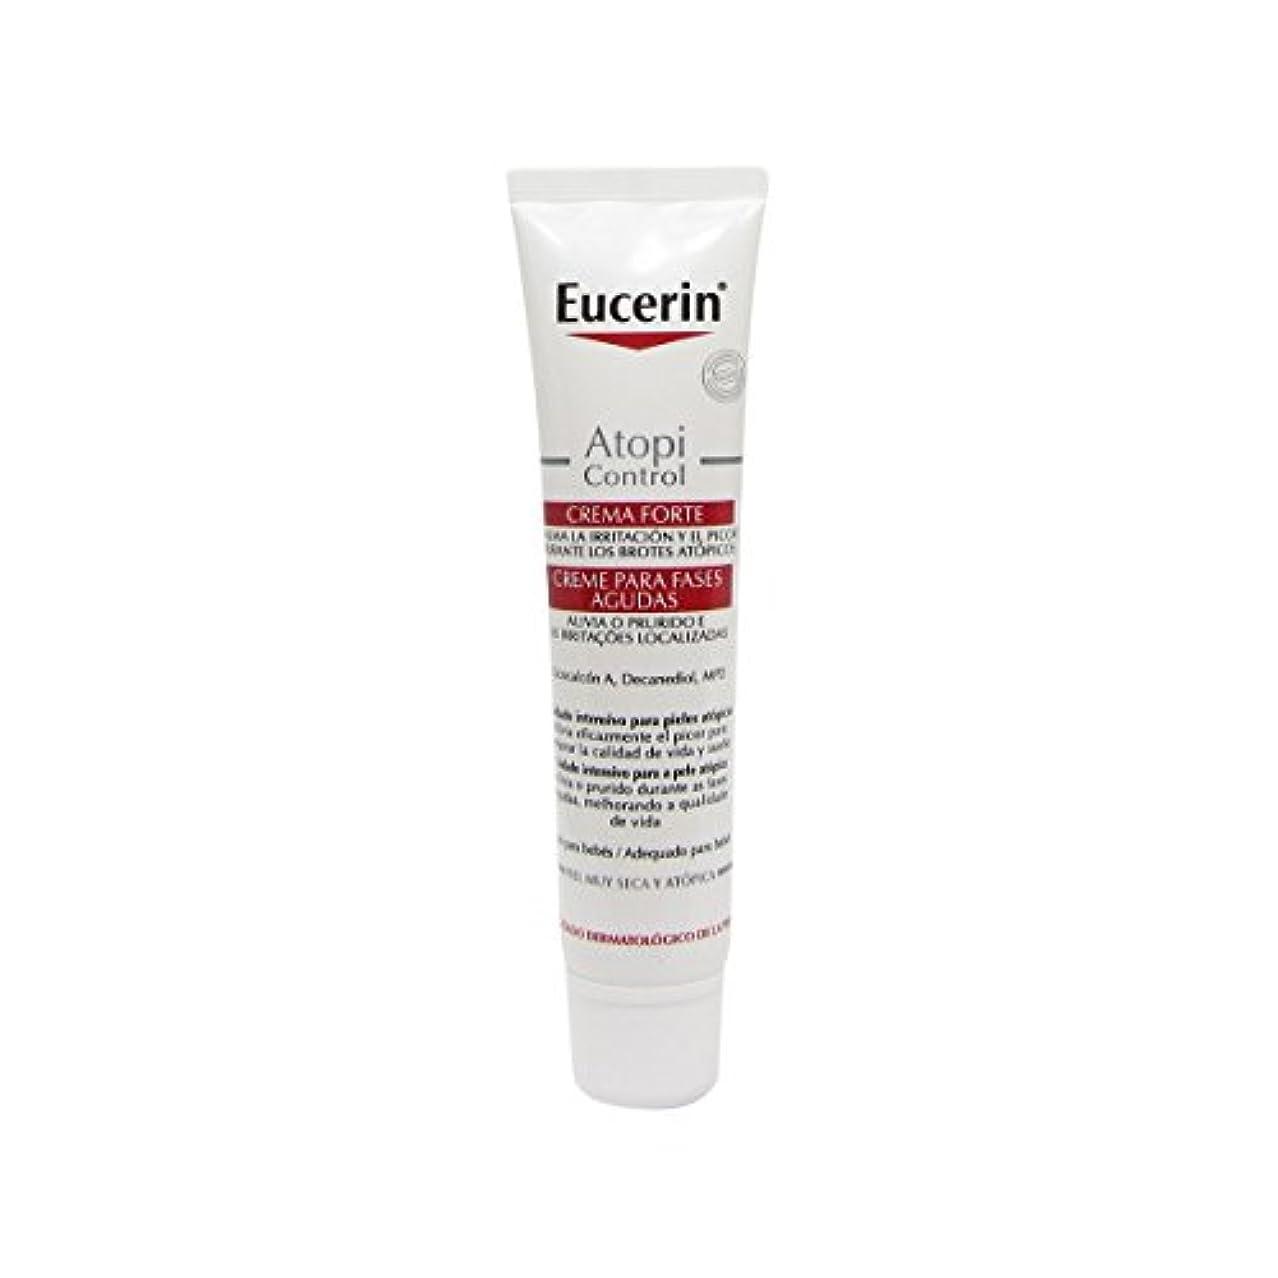 モルヒネマーク引くEucerin Atopicontrol Acute Care Cream 40ml [並行輸入品]